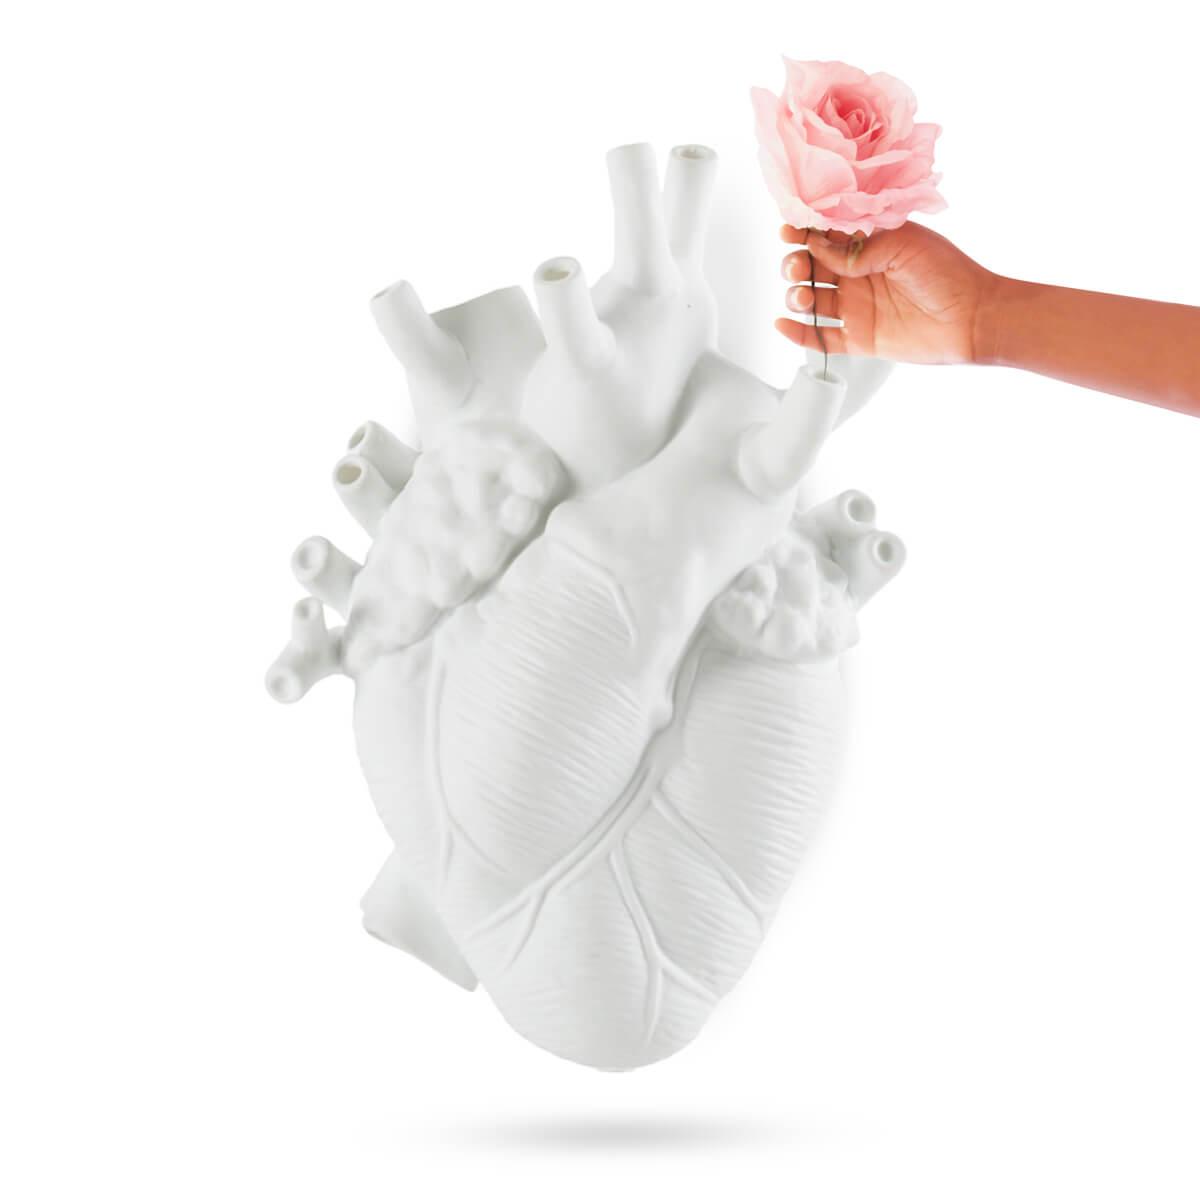 LOVE IN BLOOM GIANT - Marcantonio design